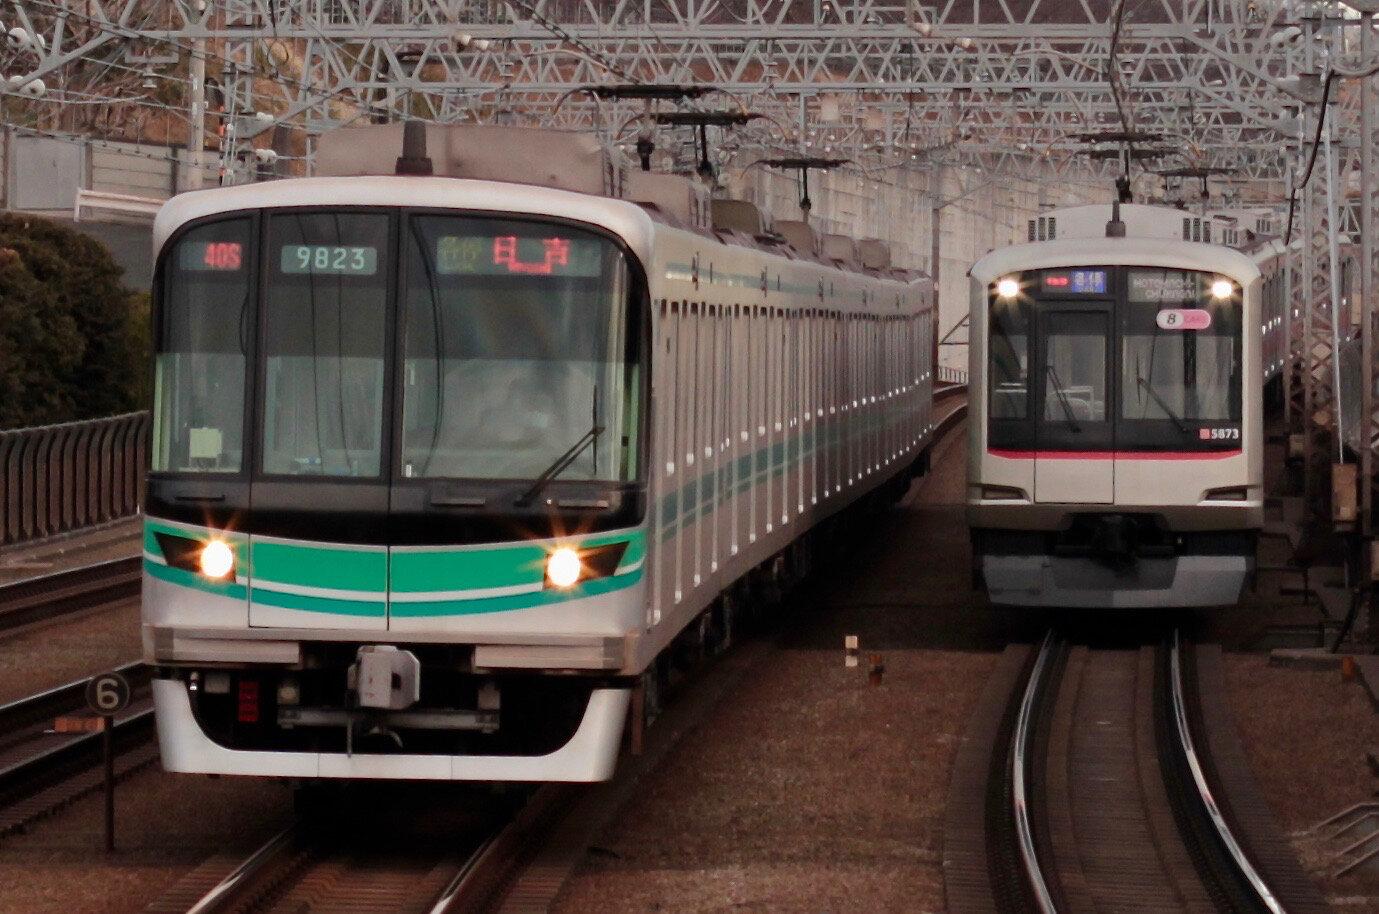 9000系 Nanboku line